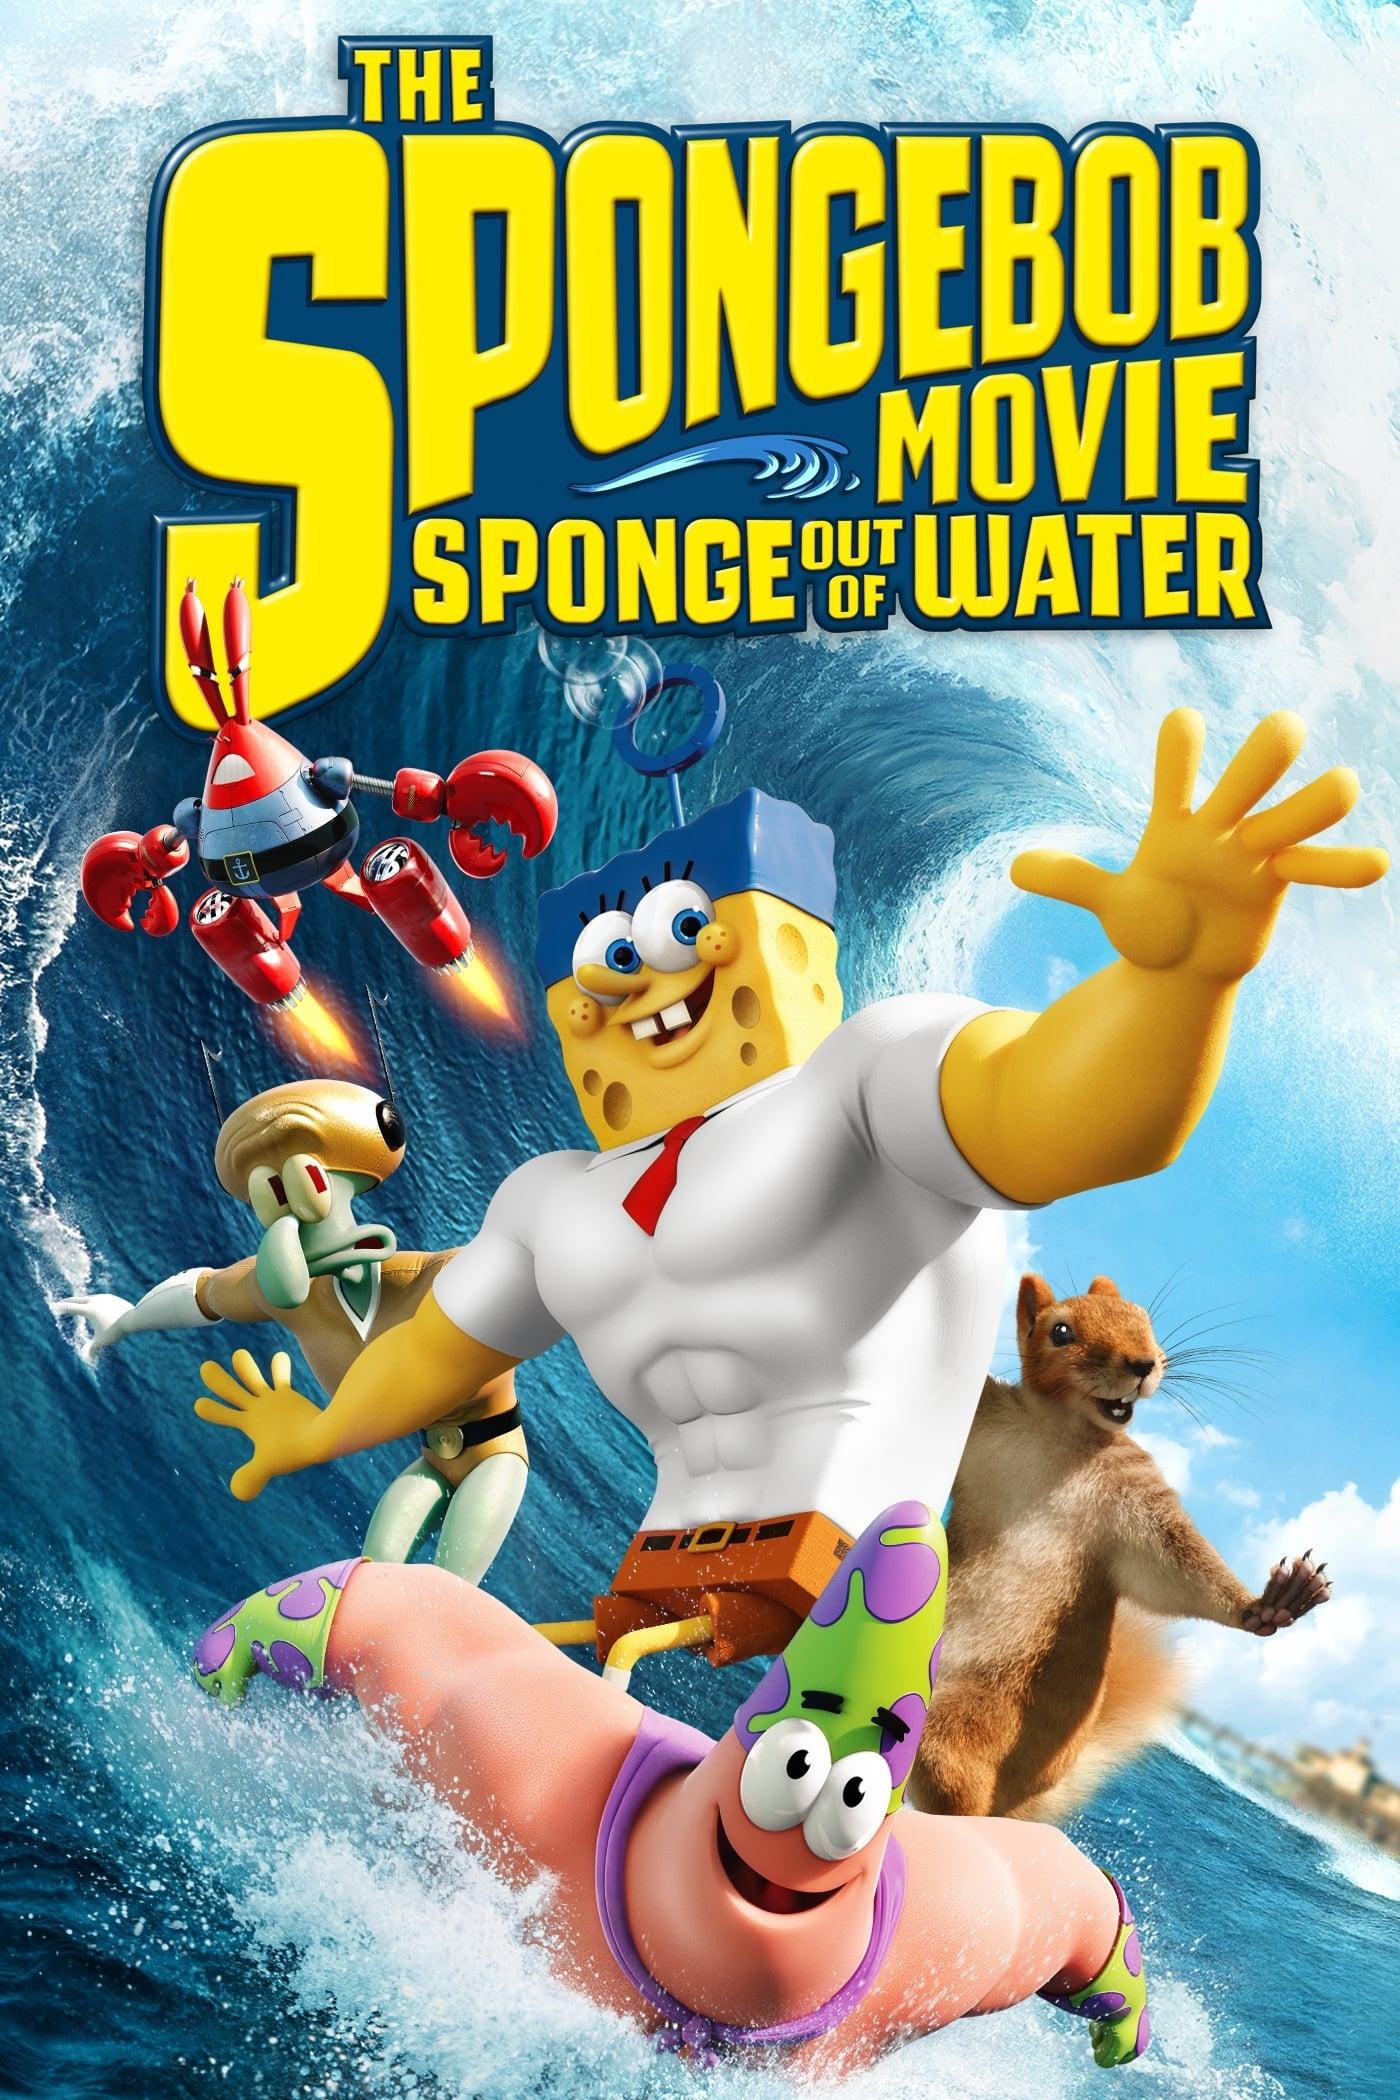 دانلود انیمیشن The SpongeBob Movie: Sponge Out of Water 2015 با دوبله فارسی